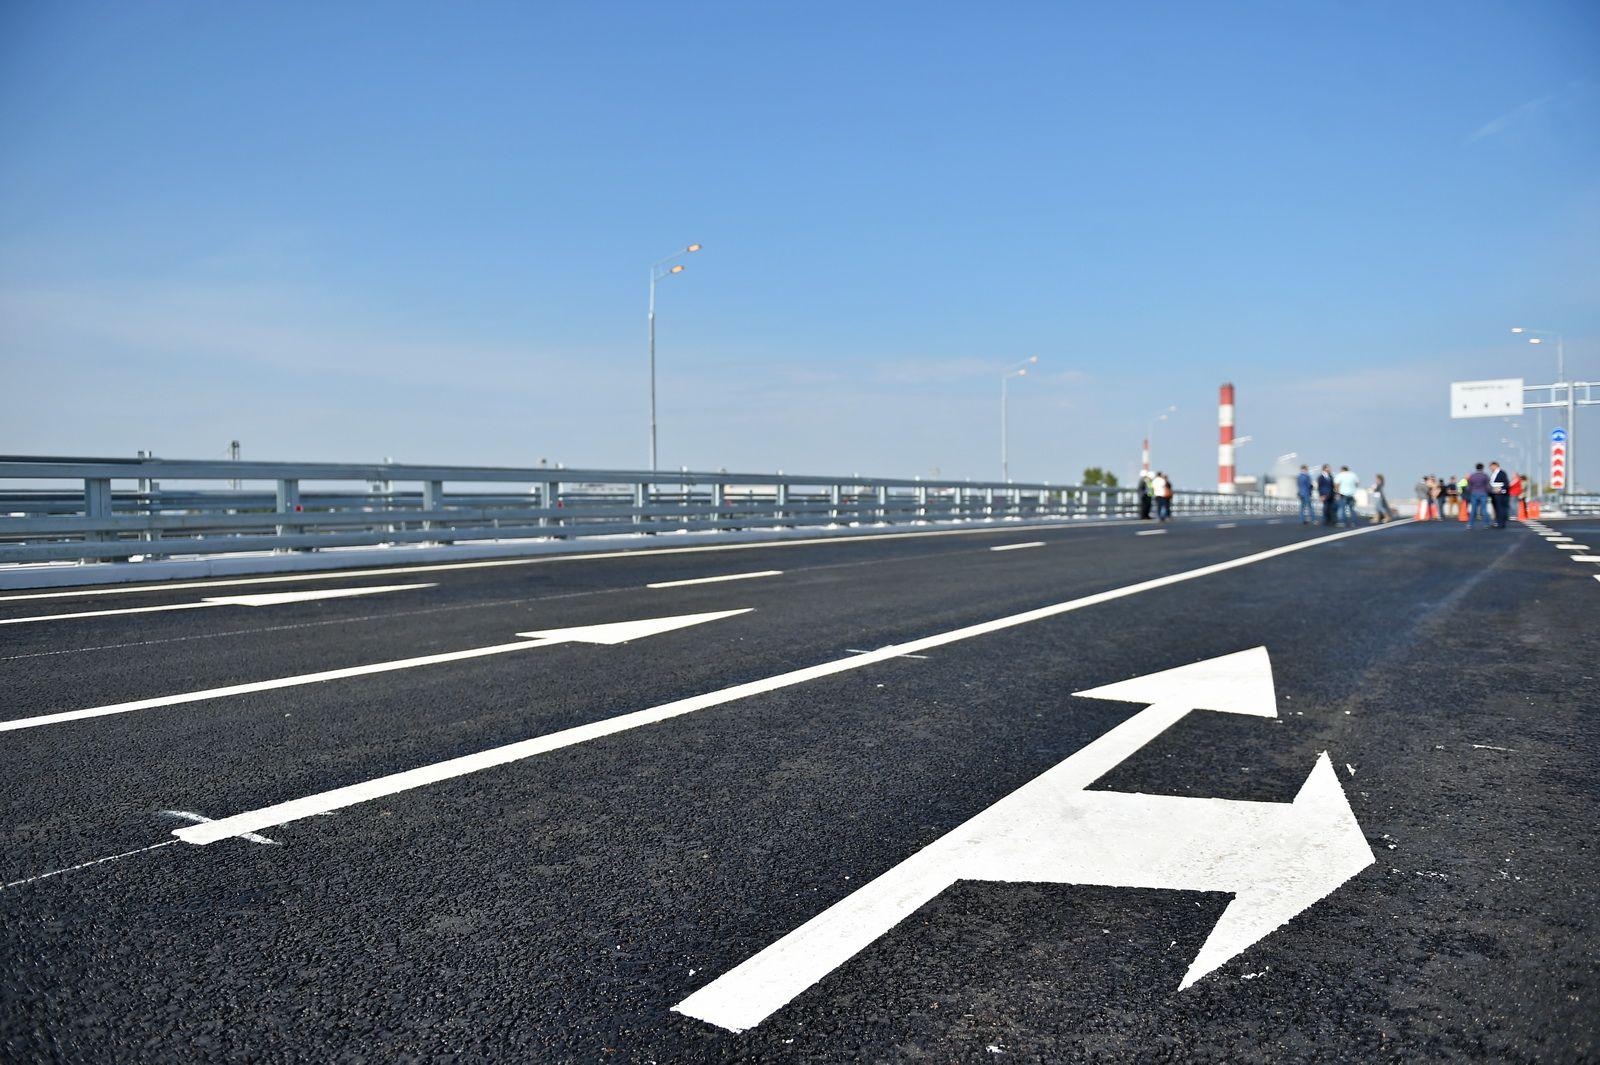 На Варшавском шоссе начали забивать сваи для дублера МКАД